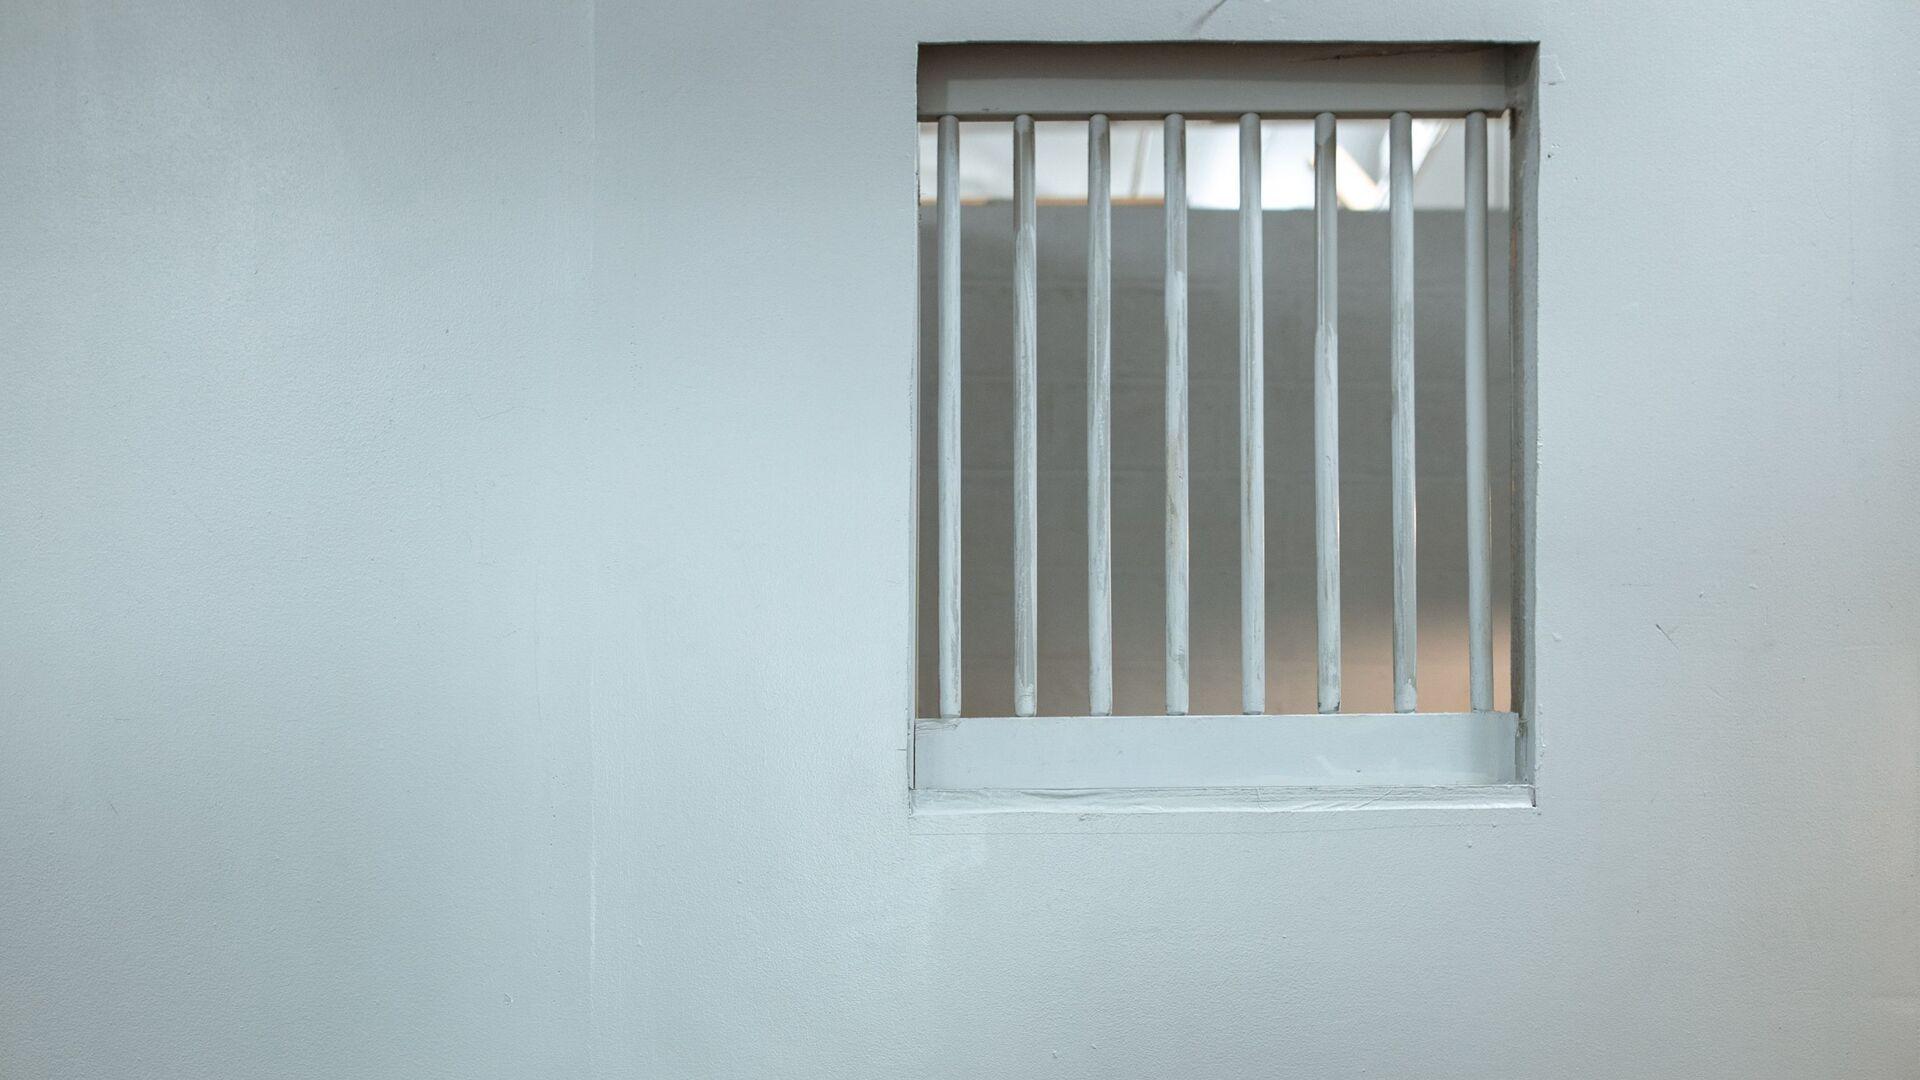 Prison (image d'illustration) - Sputnik France, 1920, 09.09.2021